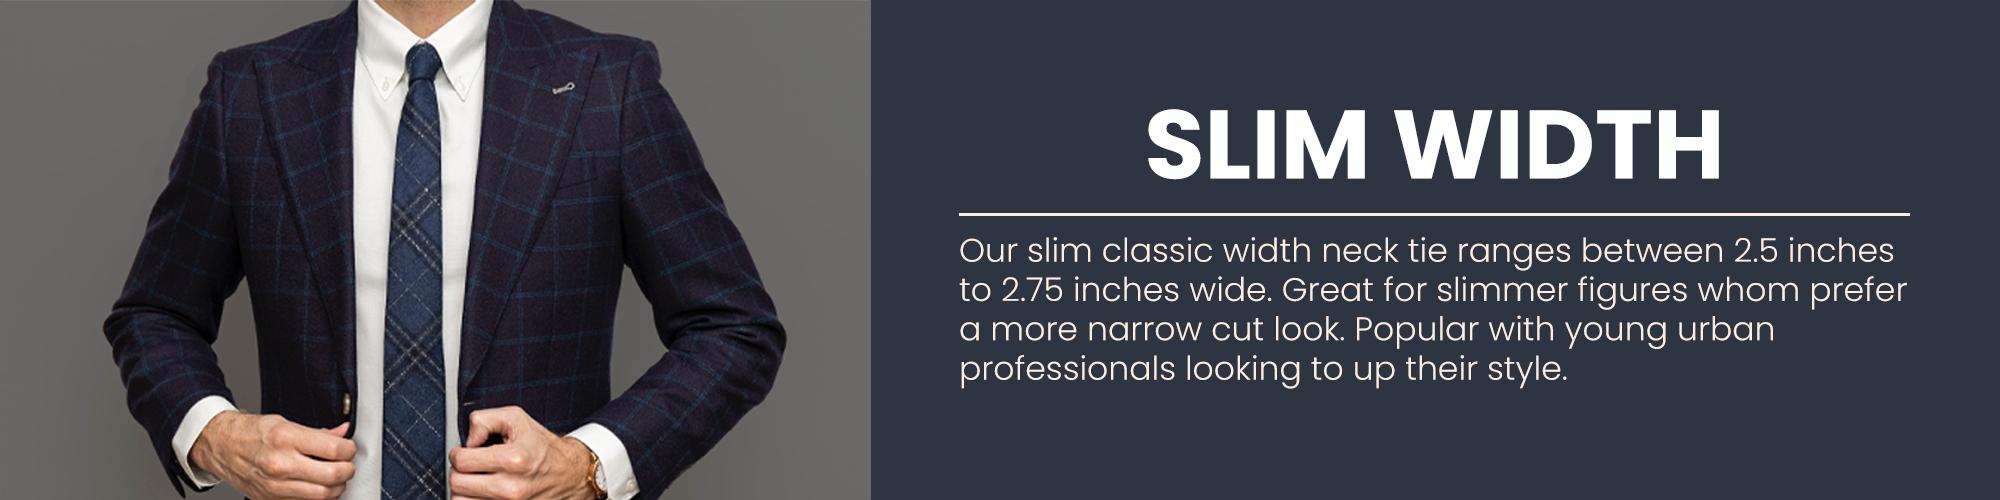 Slim/Narrow